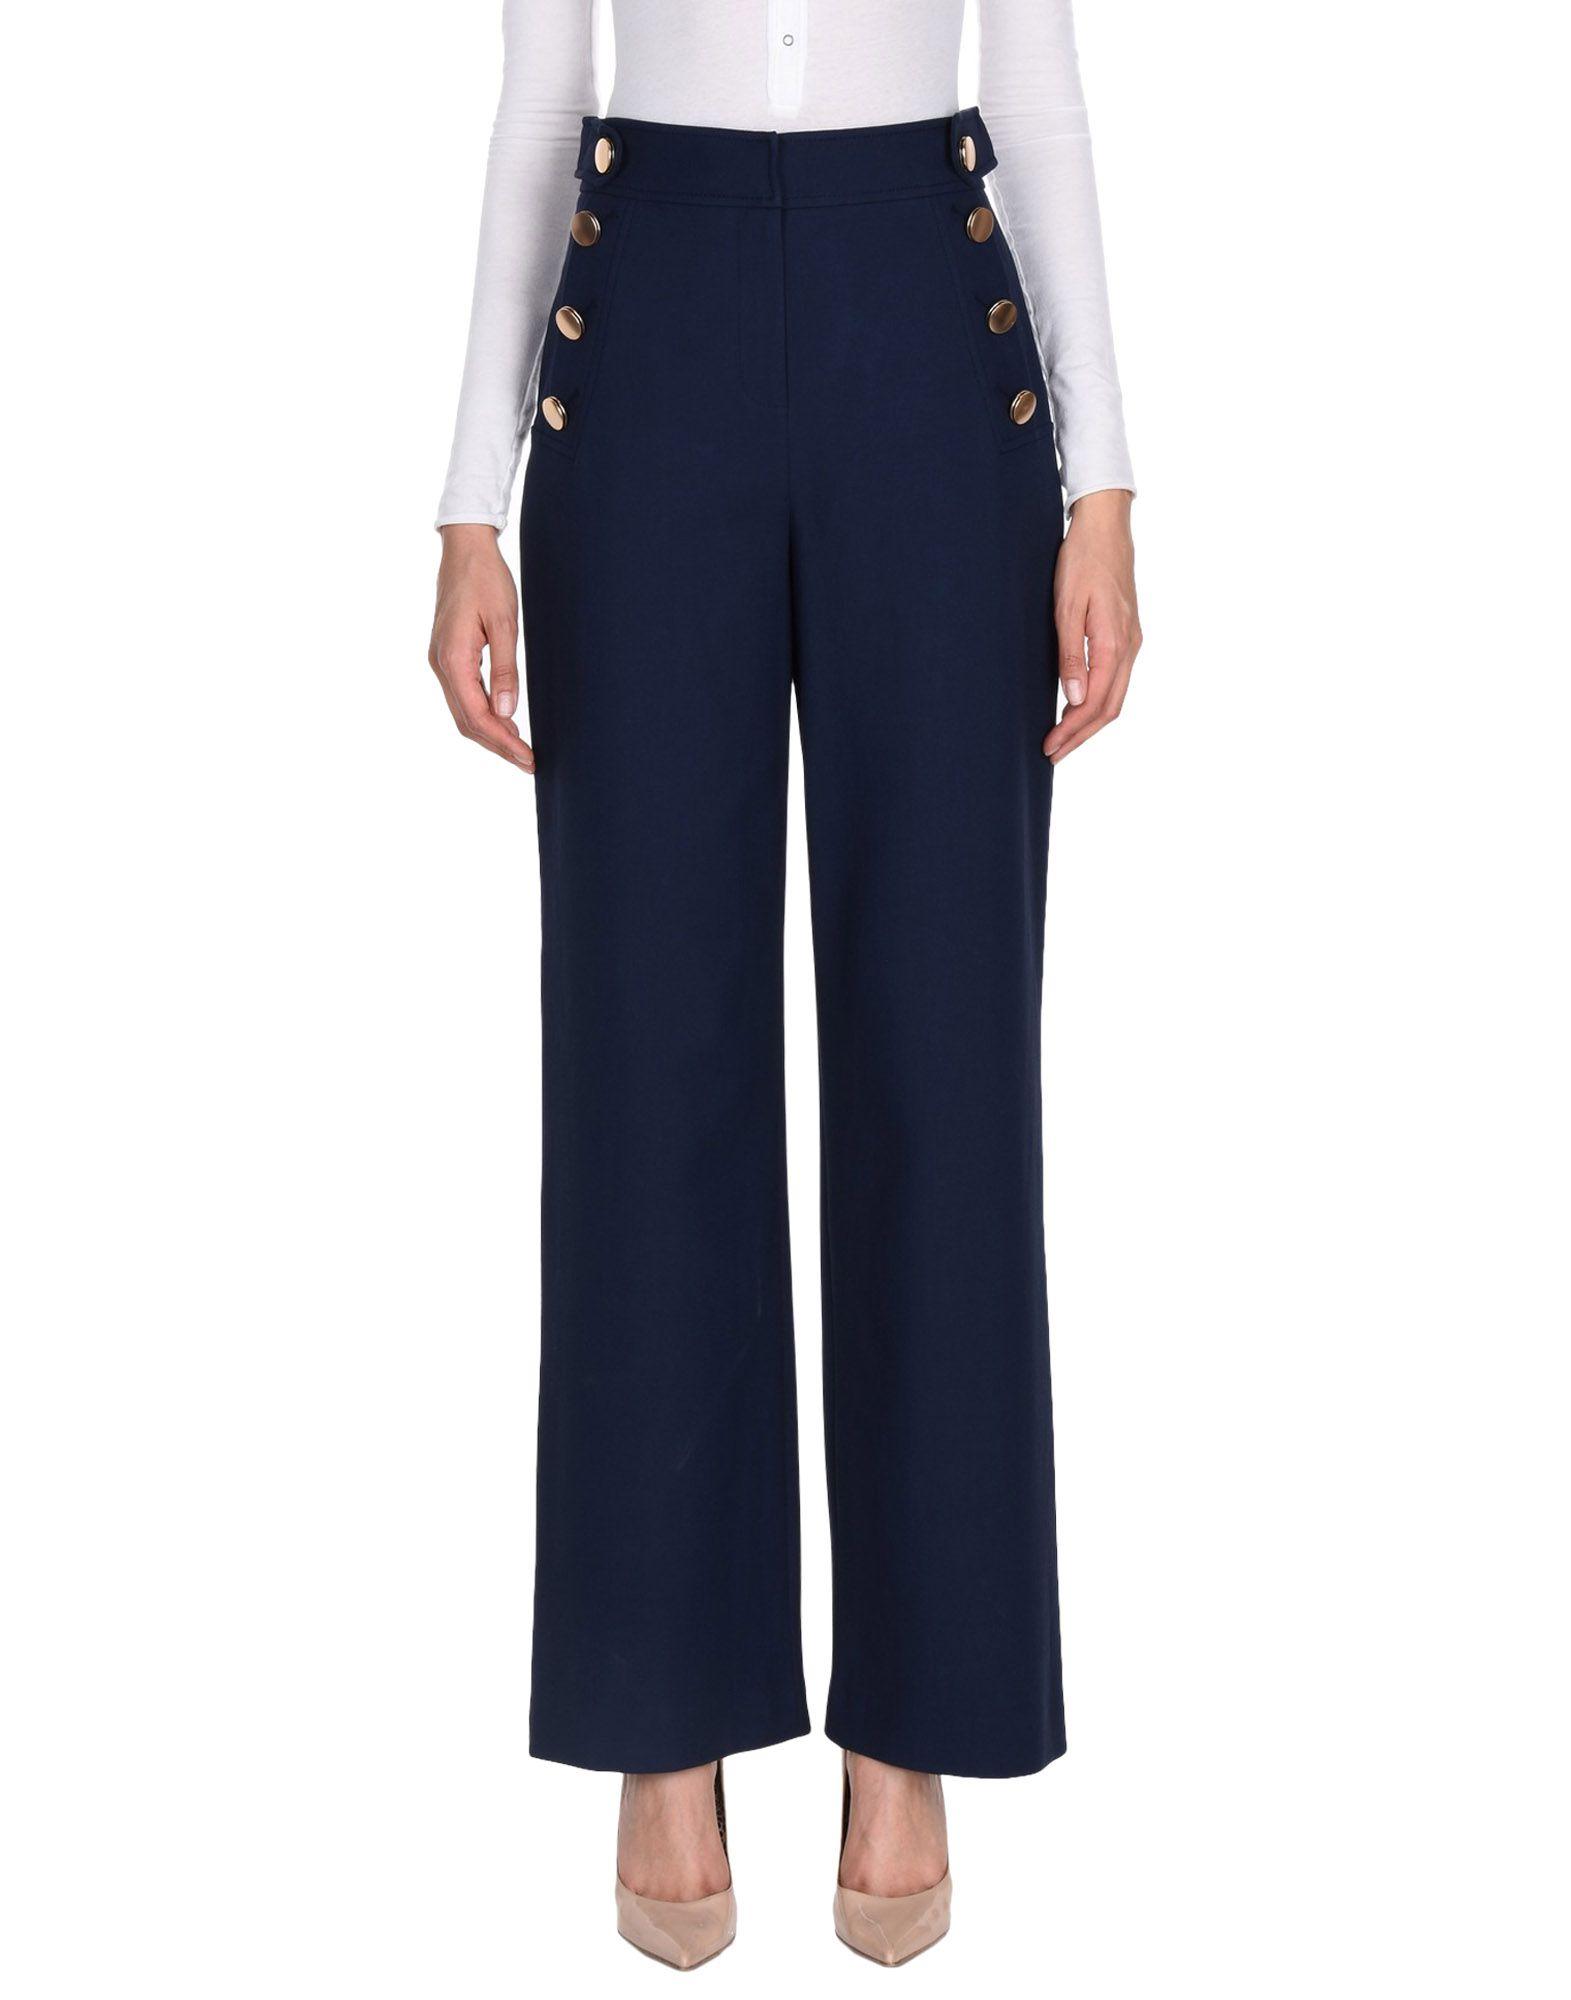 Pantalone Karen Millen Donna - Acquista online su kH7UVv